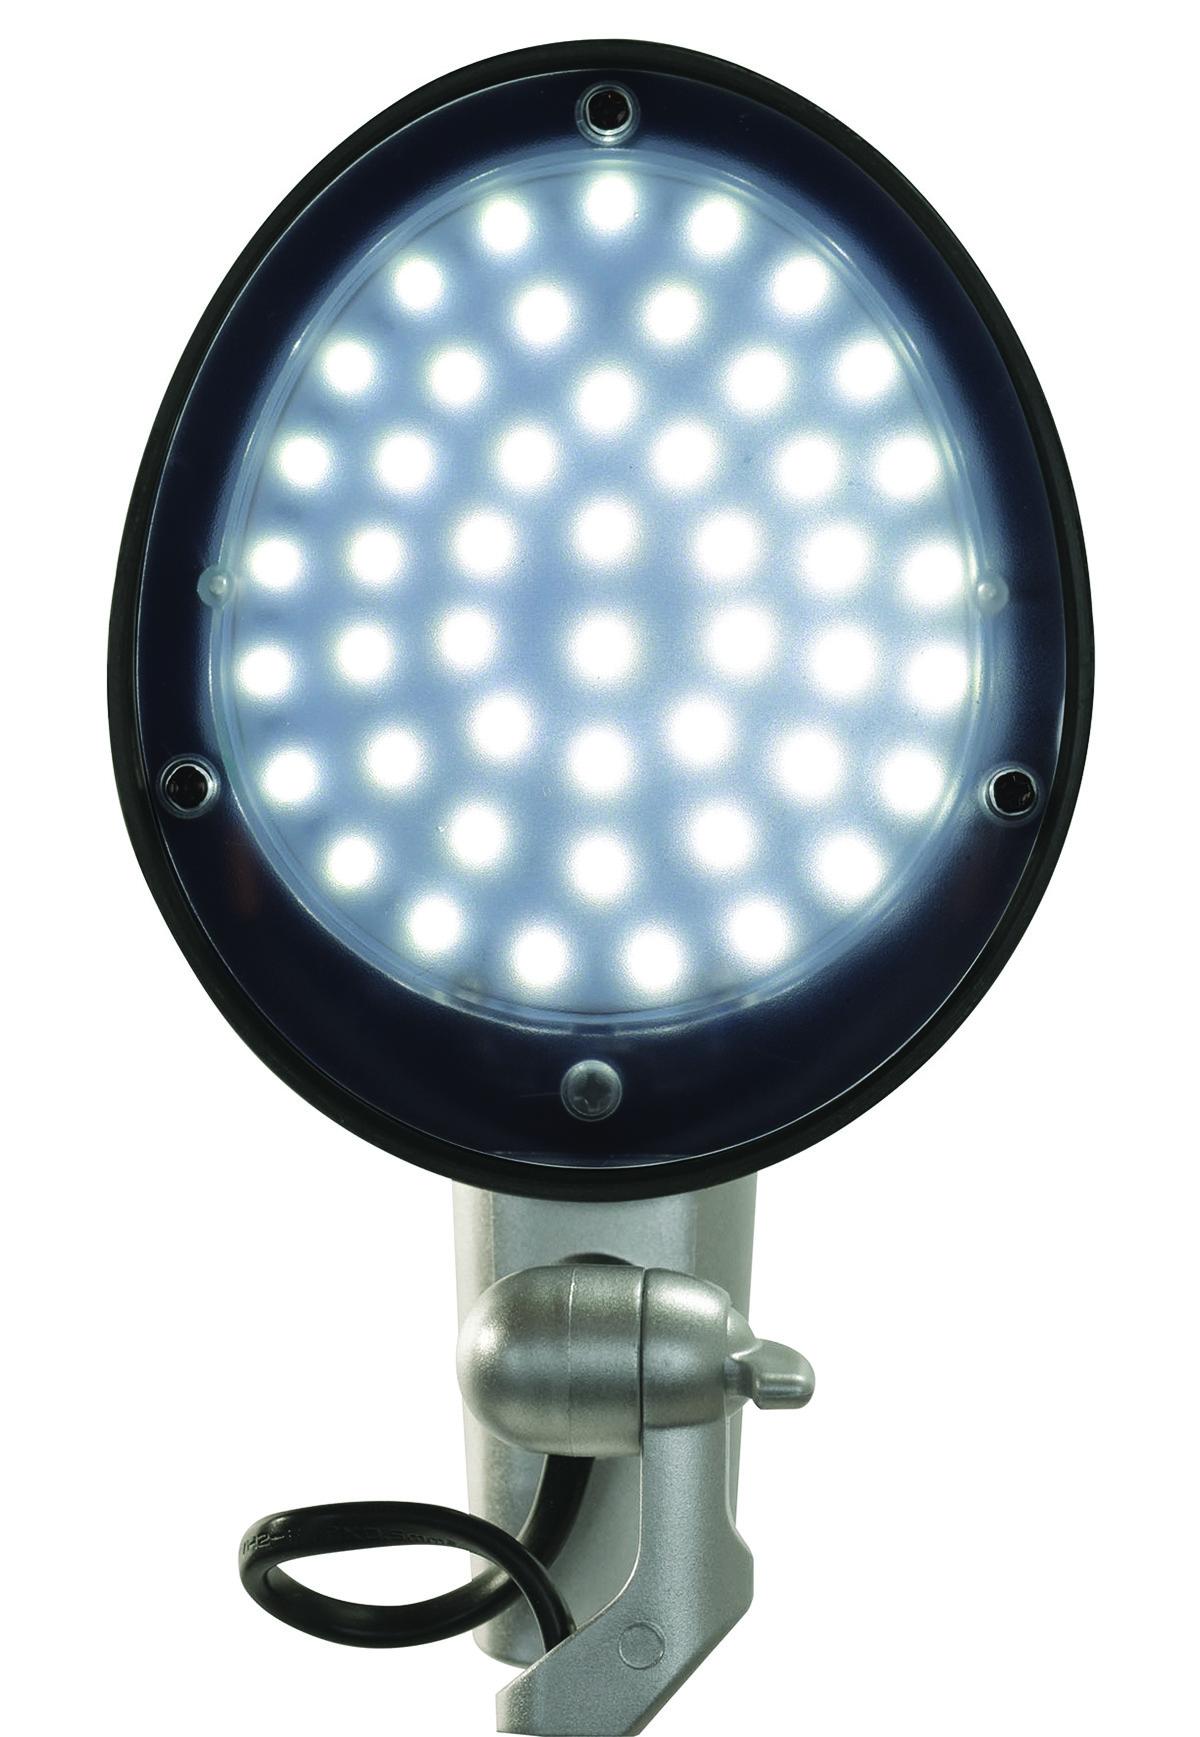 Desktop led lamp maul storm 7w black a z biuro adam wato a